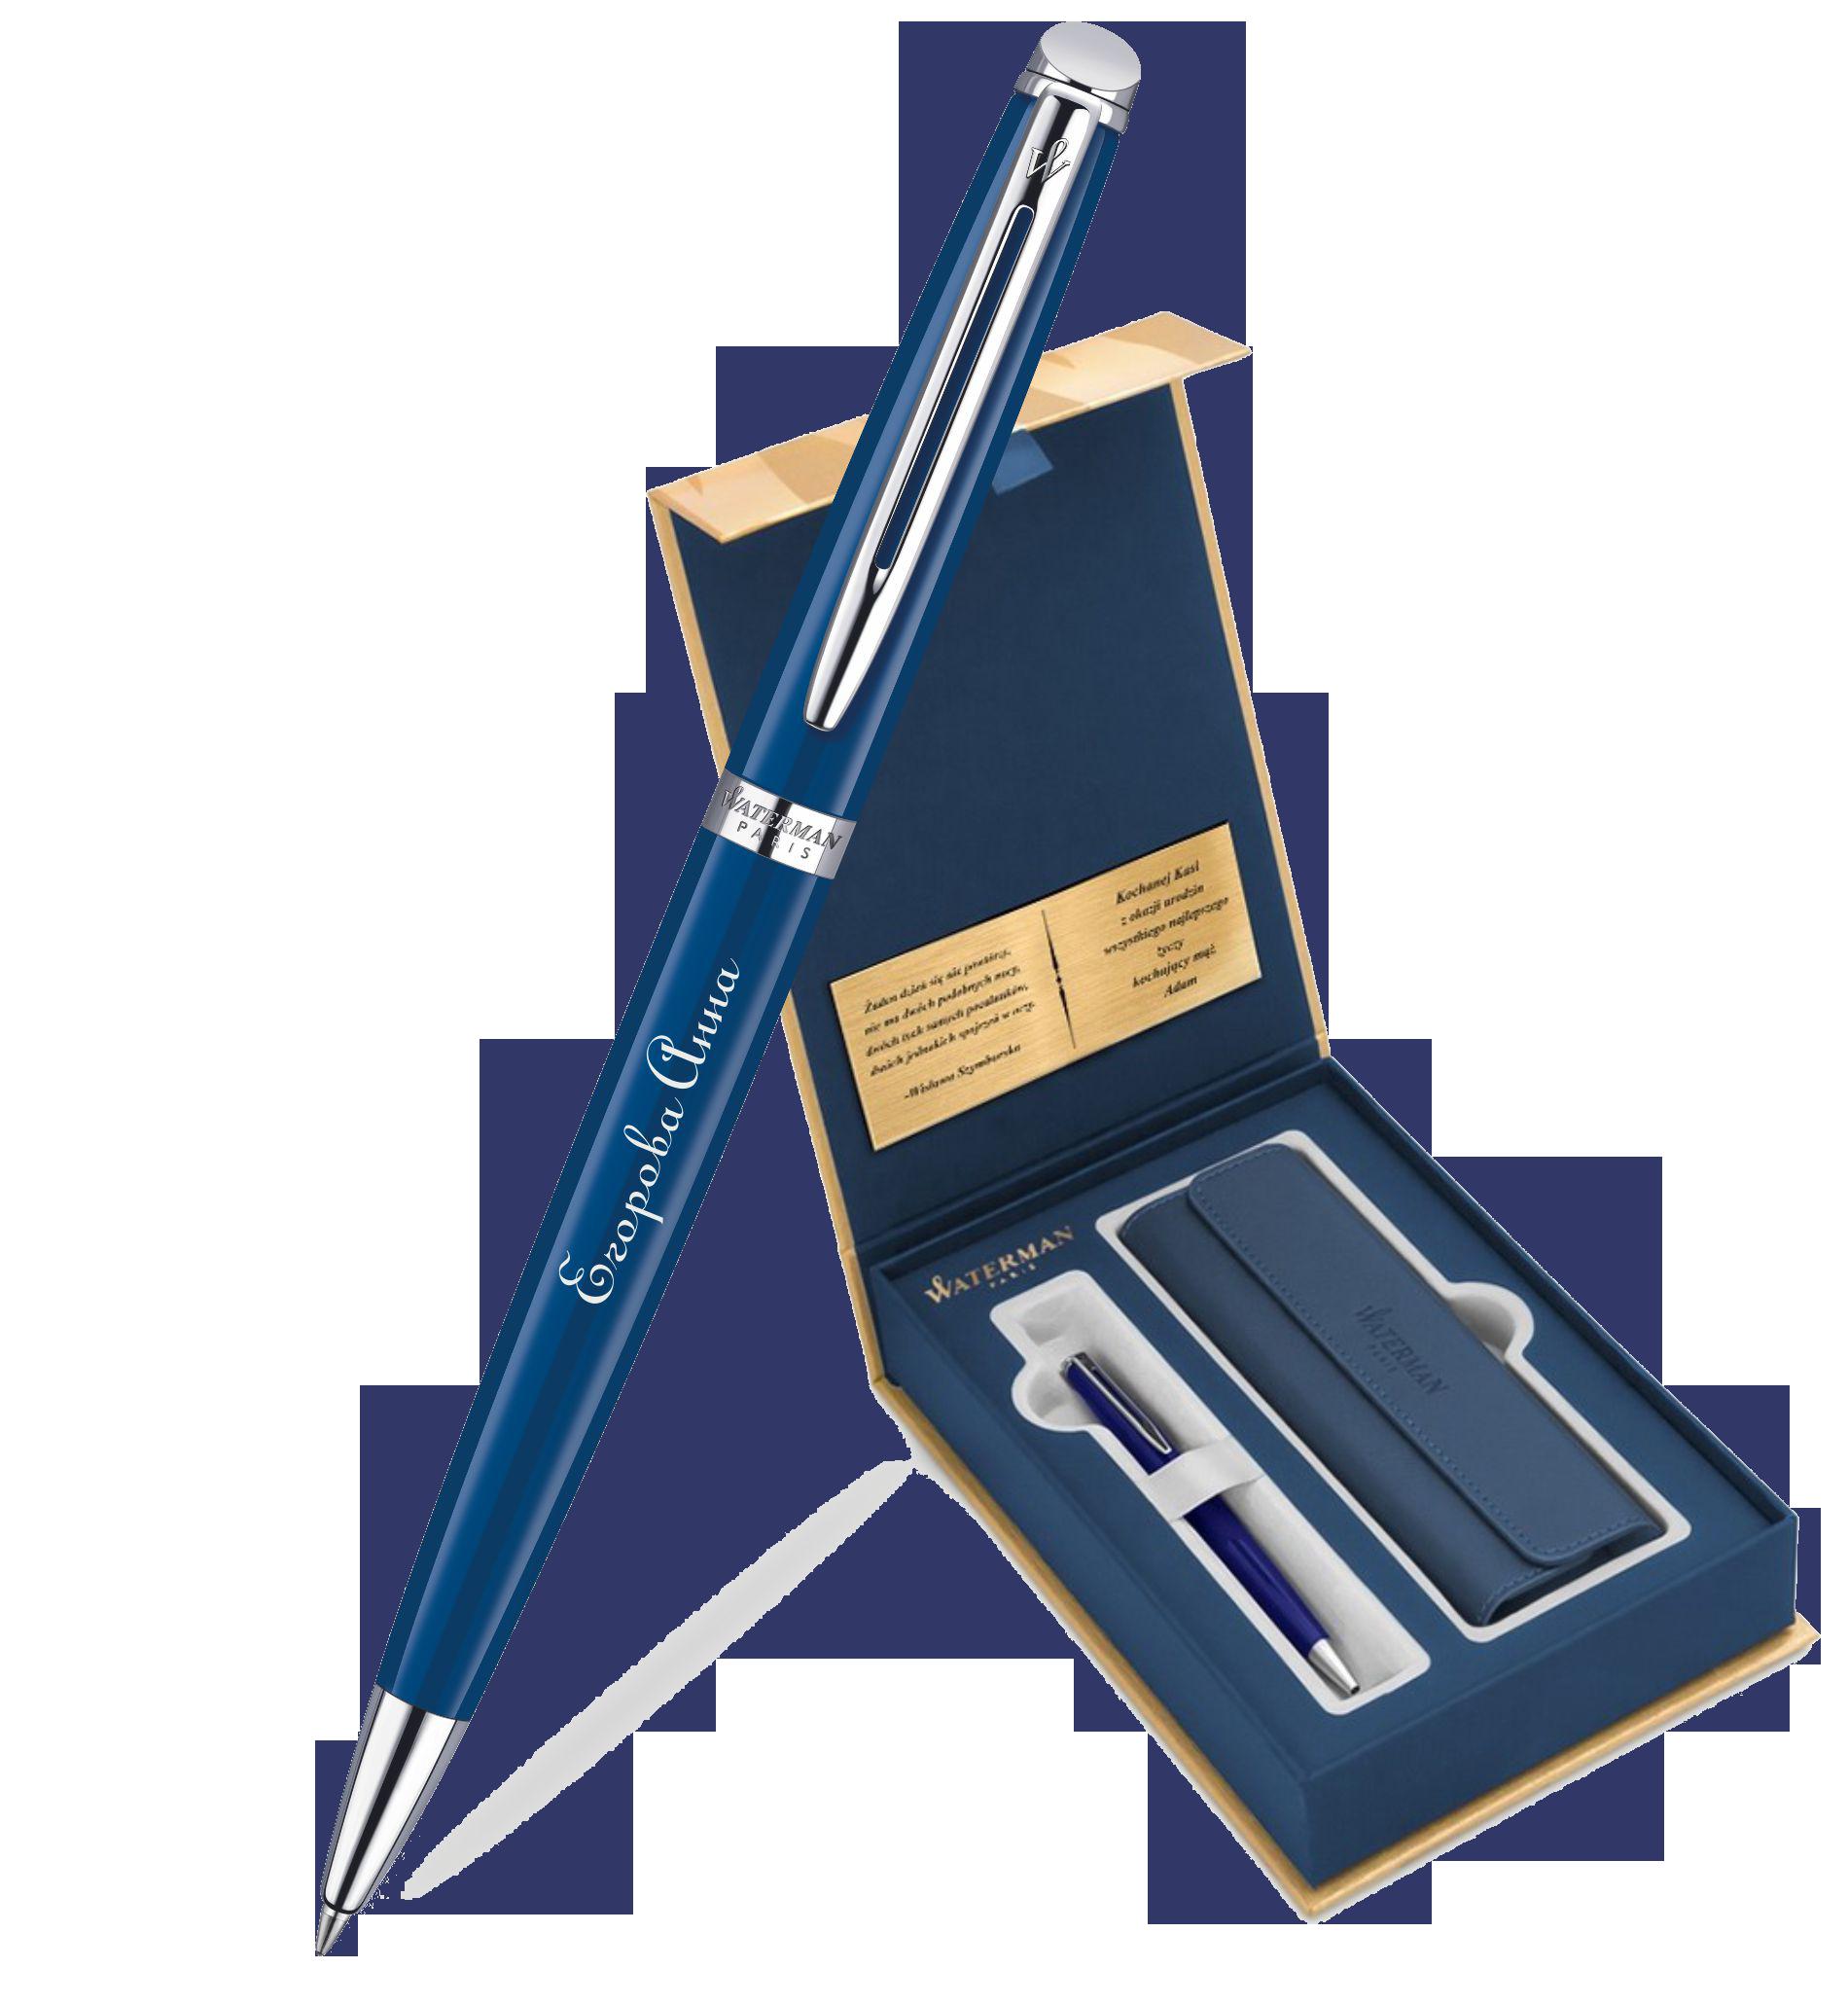 1904603Gifts Waterman Hemisphere Набор с гравировкой: Чехол и Шариковая ручка, Blue Obsession CT